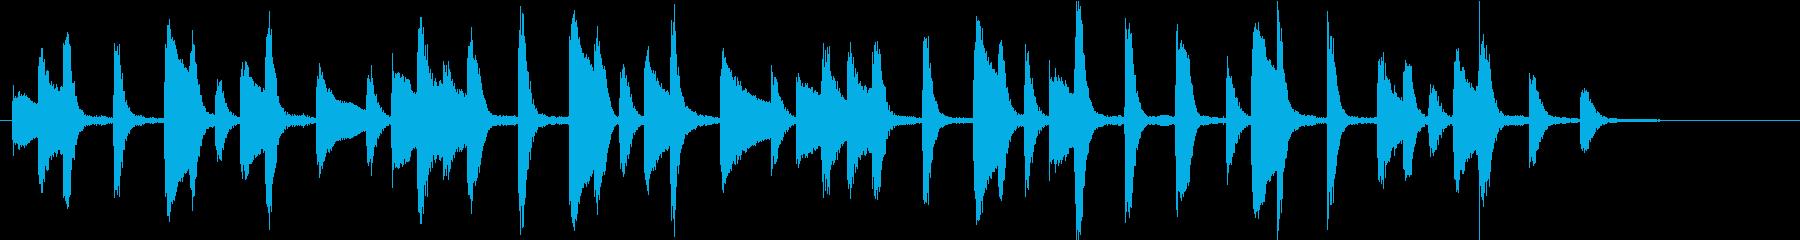 おちゃめで可愛らしい ピアノのジングルの再生済みの波形